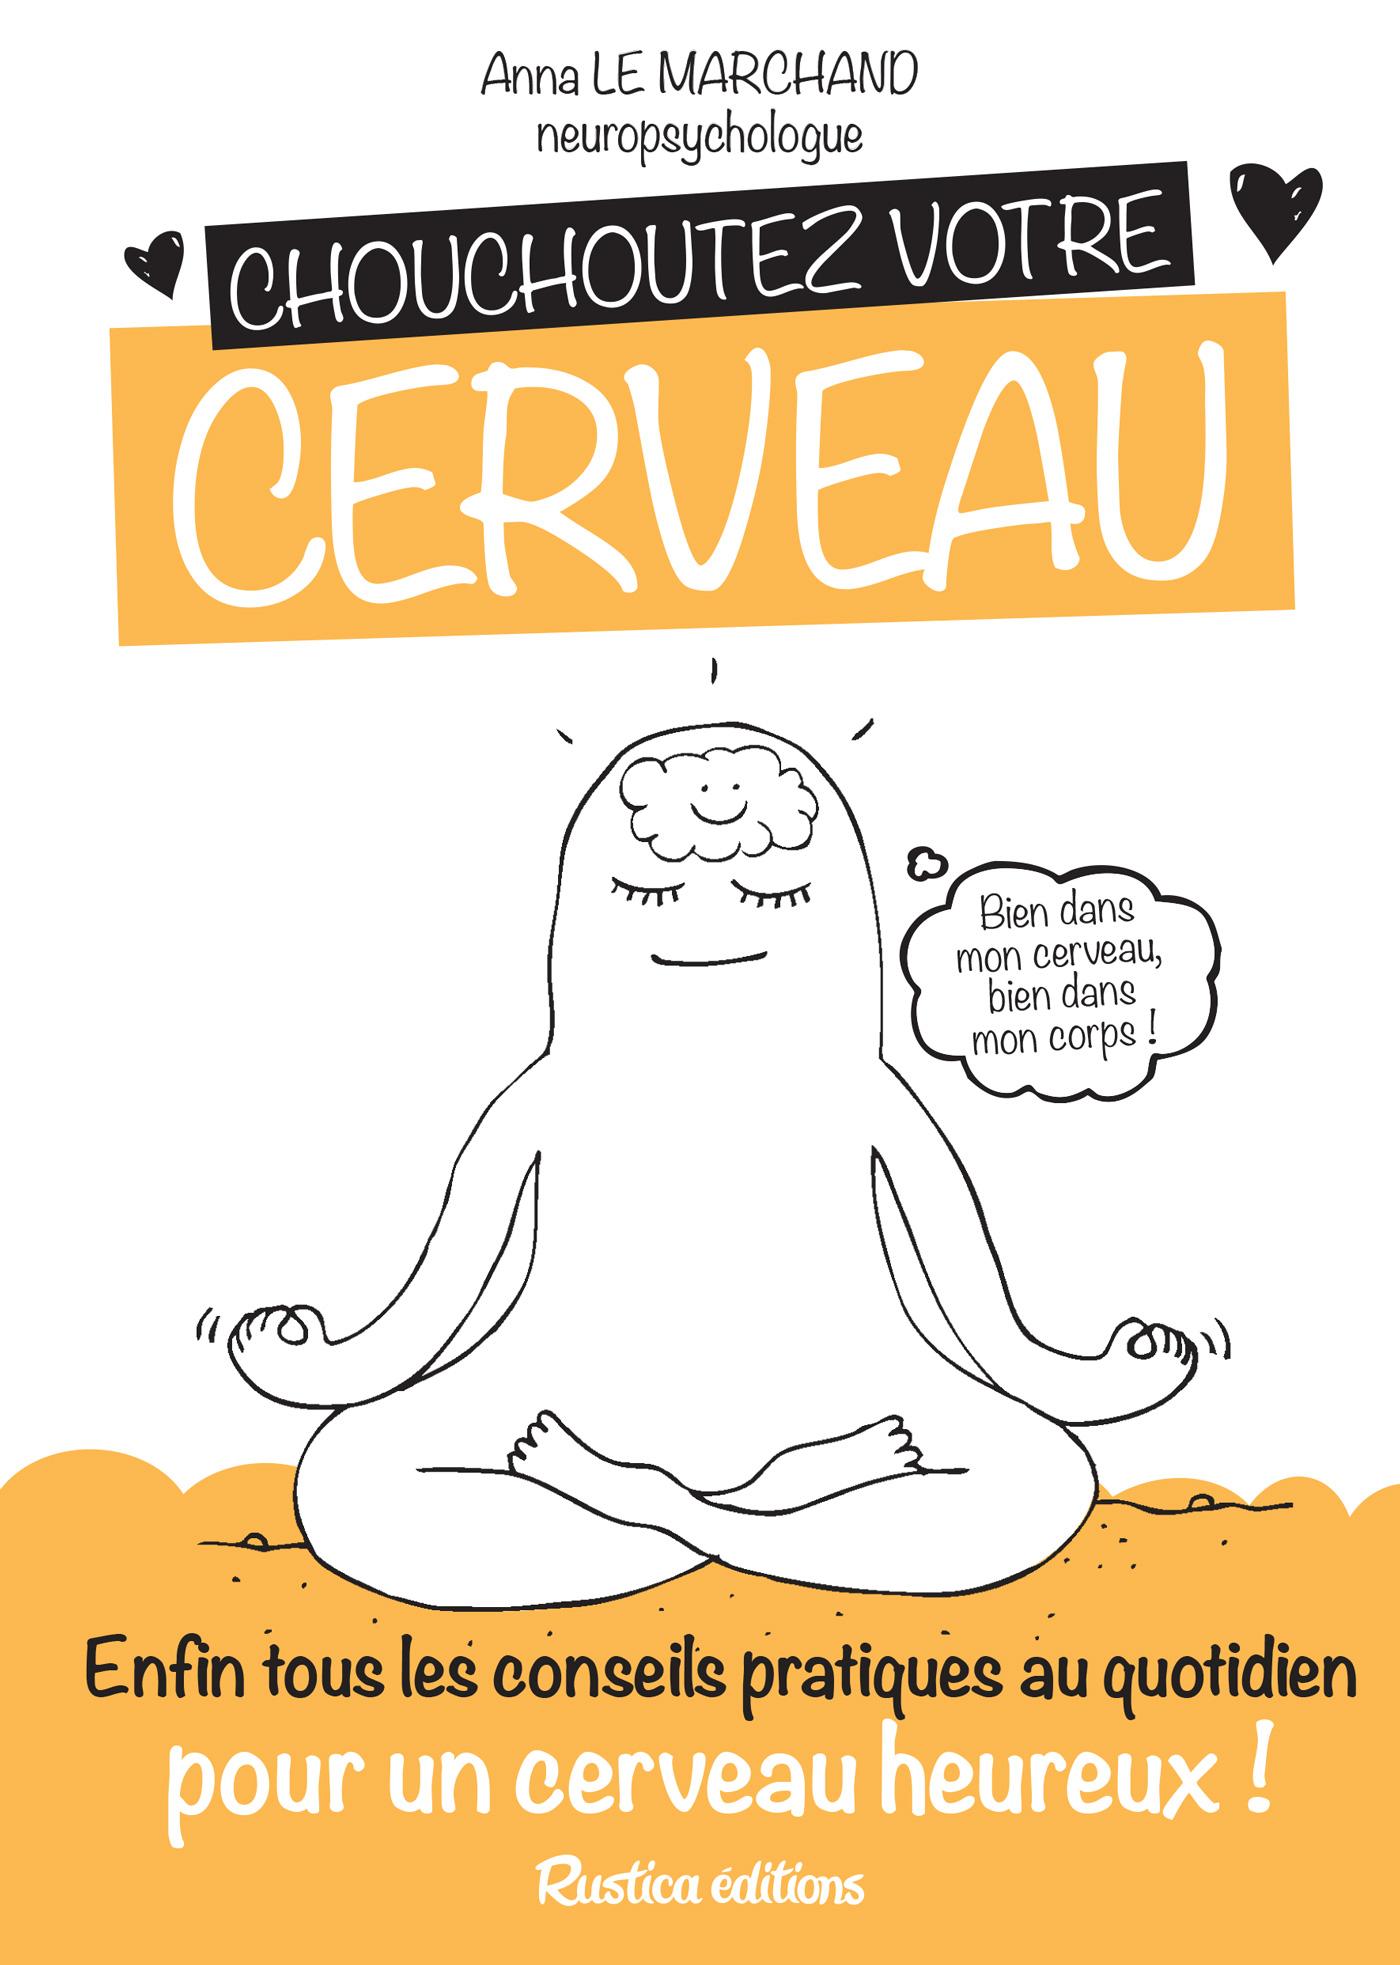 Chouchoutez votre cerveau, Enfin tous les conseils pratiques au quotidien pour un cerveau heureux !